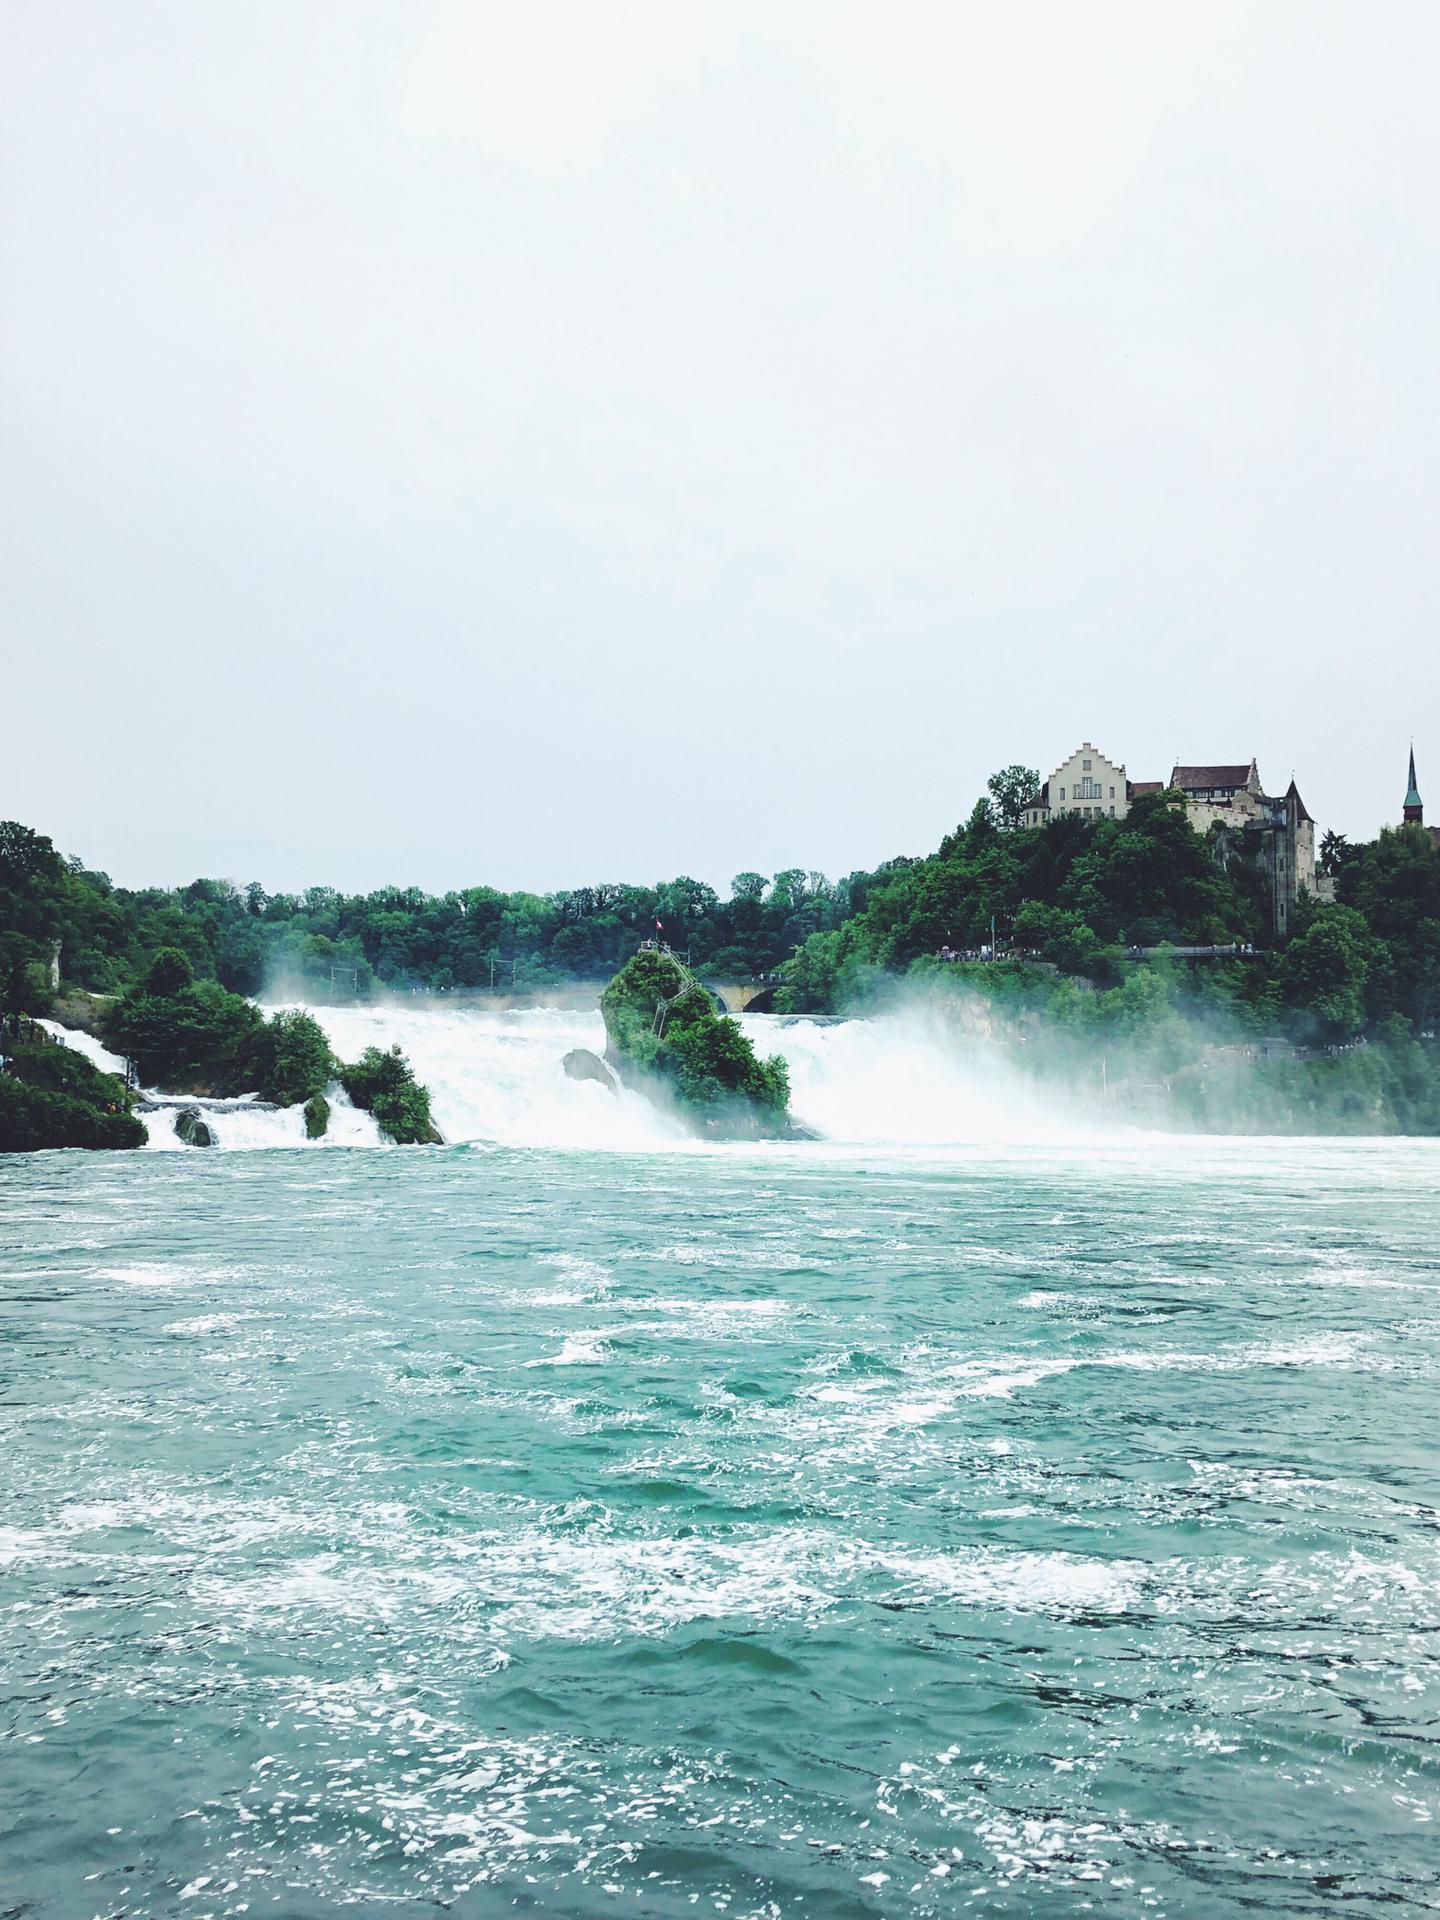 Vergleich Wasserstand Rheinfall August 2018 zu Juni 2019